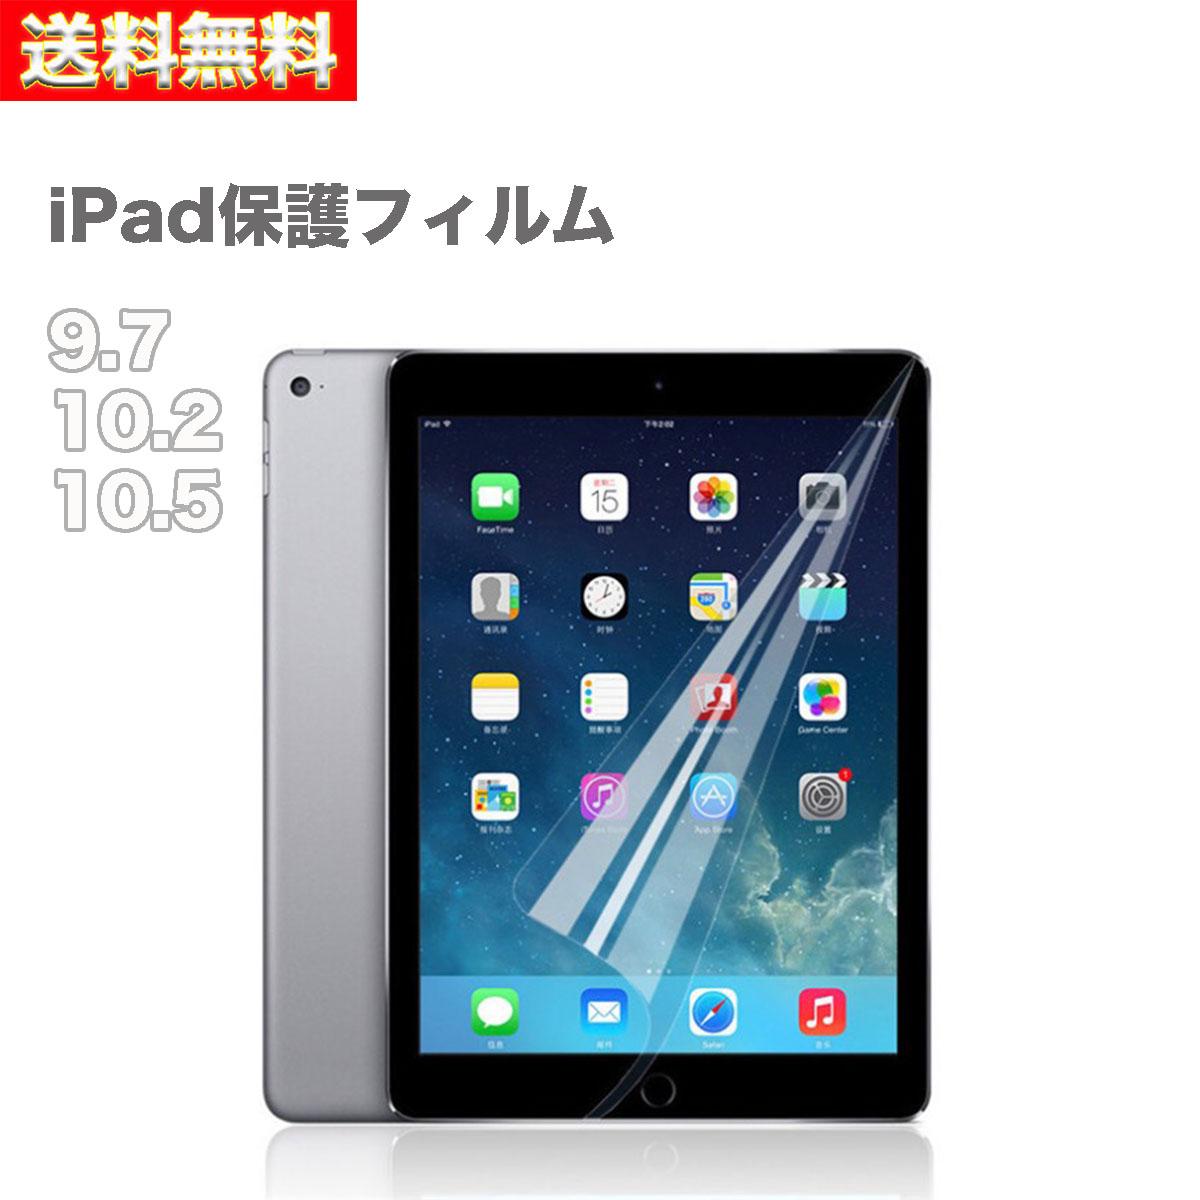 光透過率99% 送料無料 iPadフィルム iPad フィルム 第8世代 第7世代 第6世代 第5世代 Air3 Air2 お洒落 Air1 Pro アイパッド 9.7 10.2 10.5 インチ 2020 エアー1 Air 6世代 エアー 5世代 保護フィルム 指紋防止 2017 8世代 7世代 2018 エアー3 ブルーライトカット 卸売り 低反射 2019 エアー2